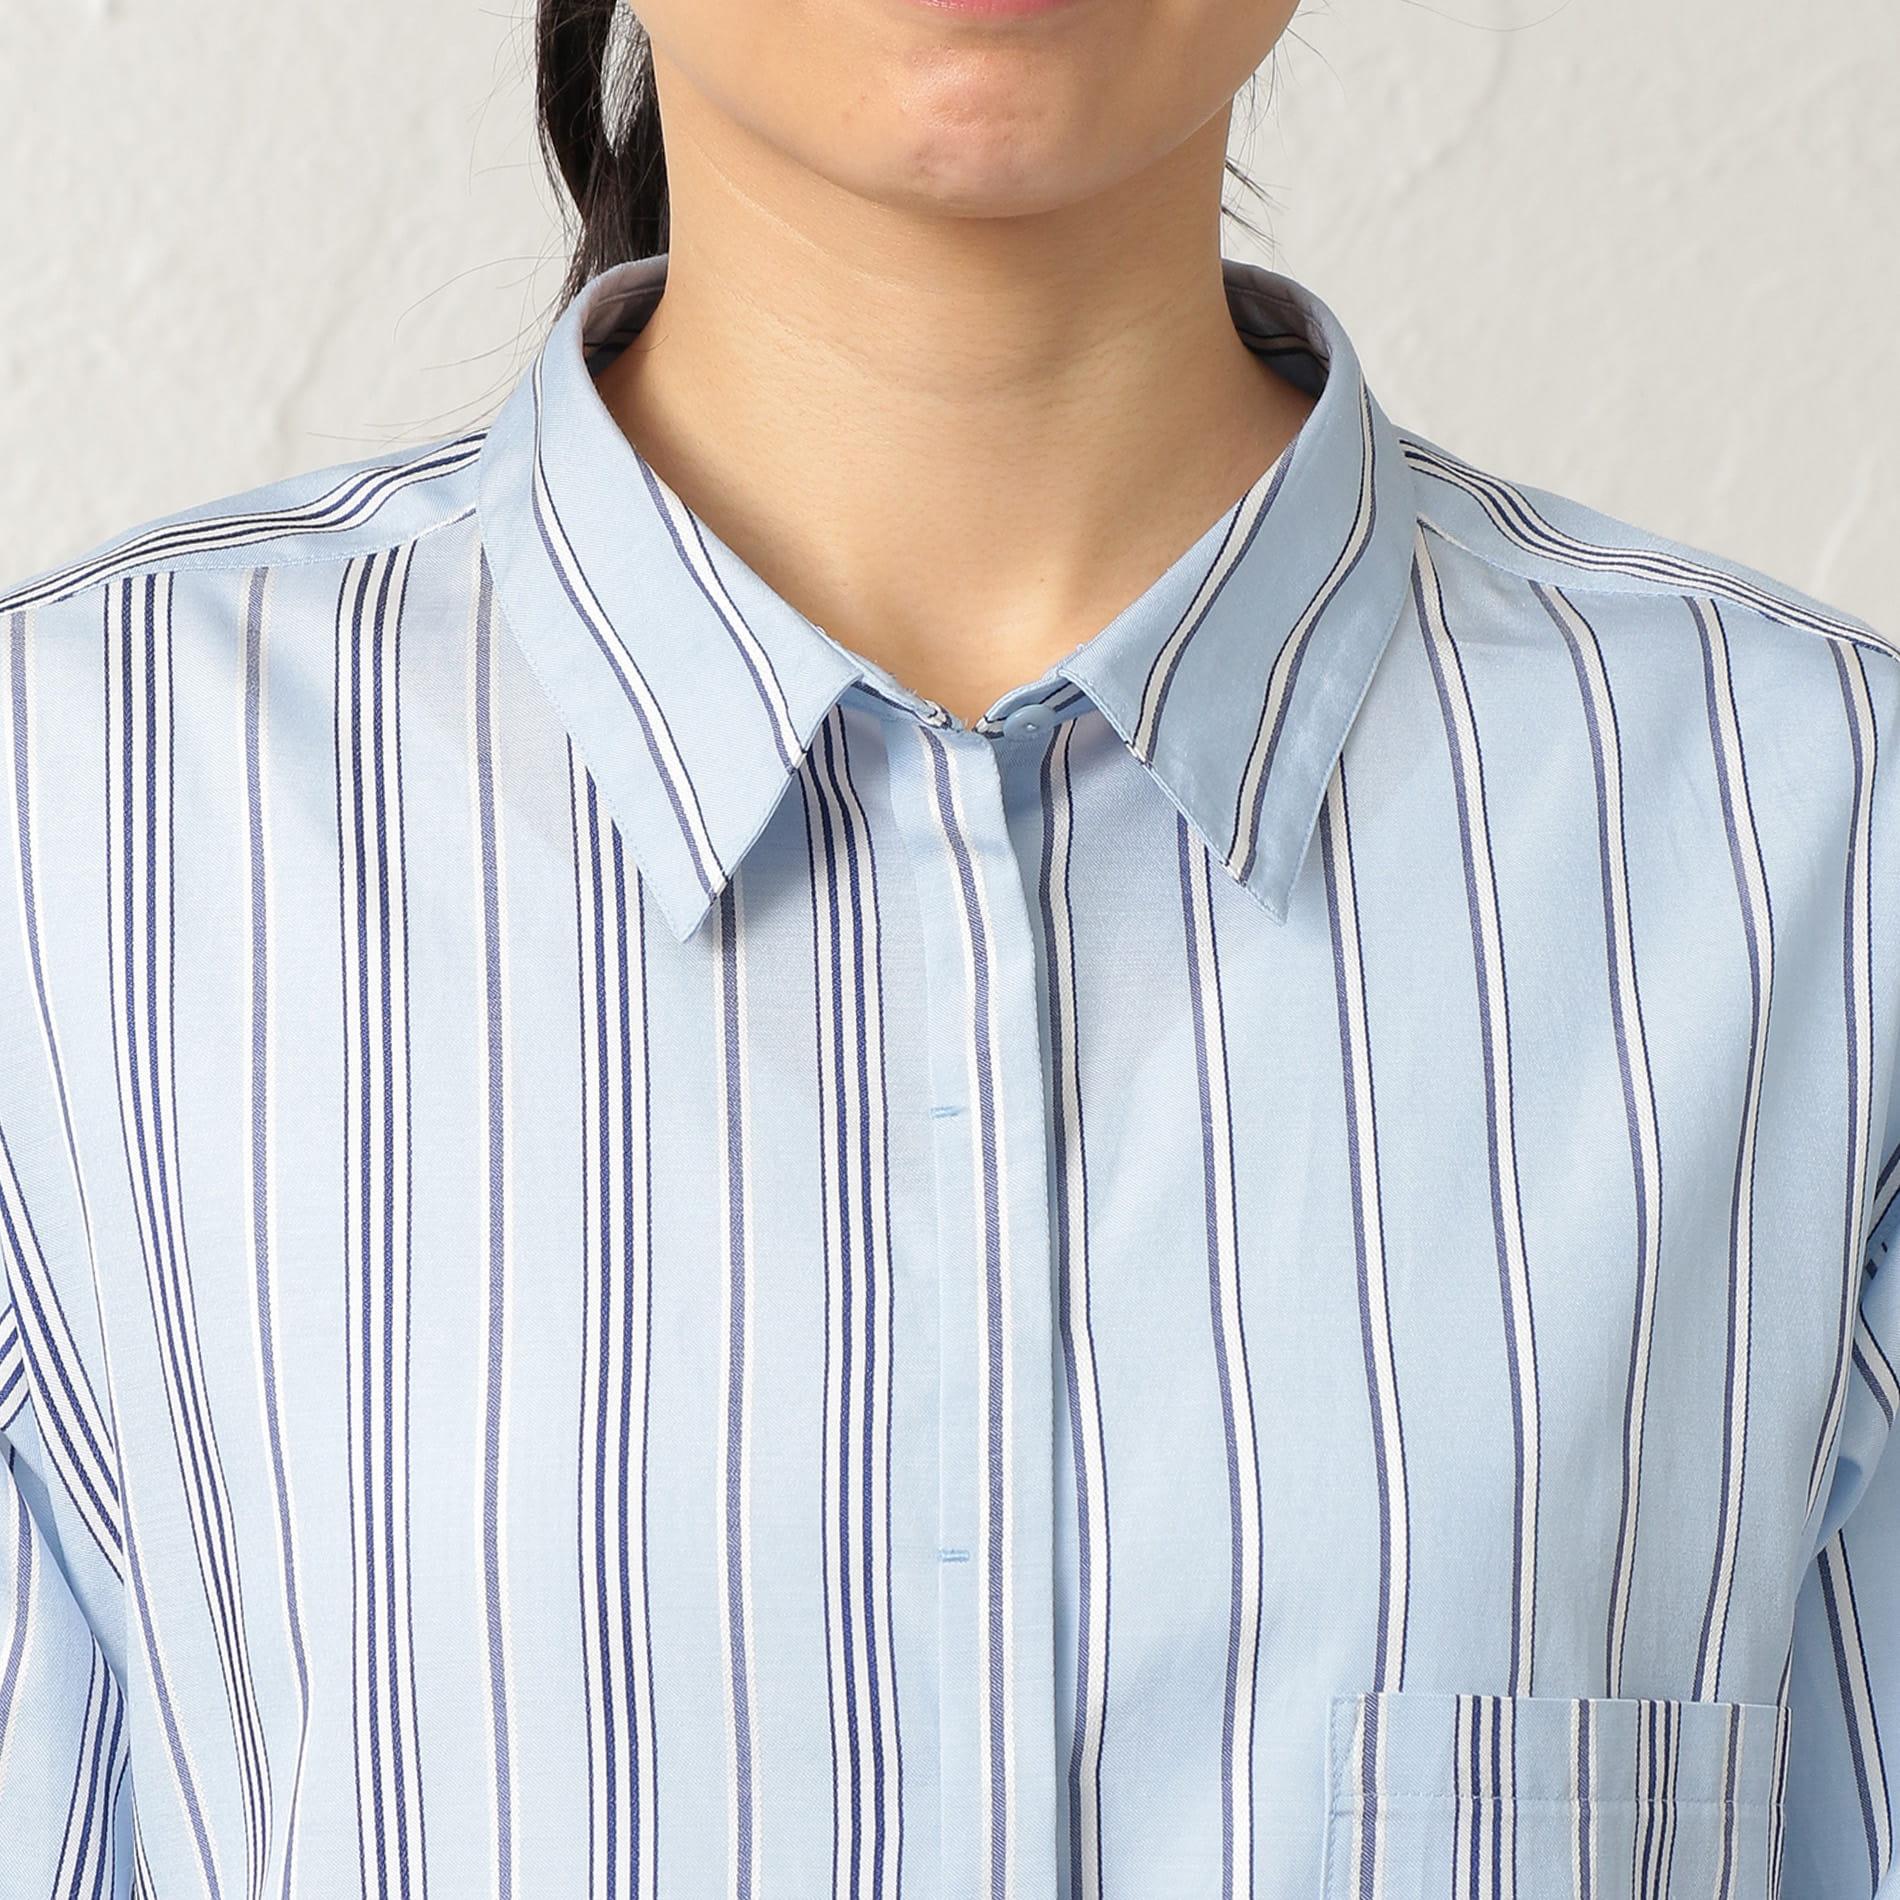 ラスターストライプ ブラウスシャツ